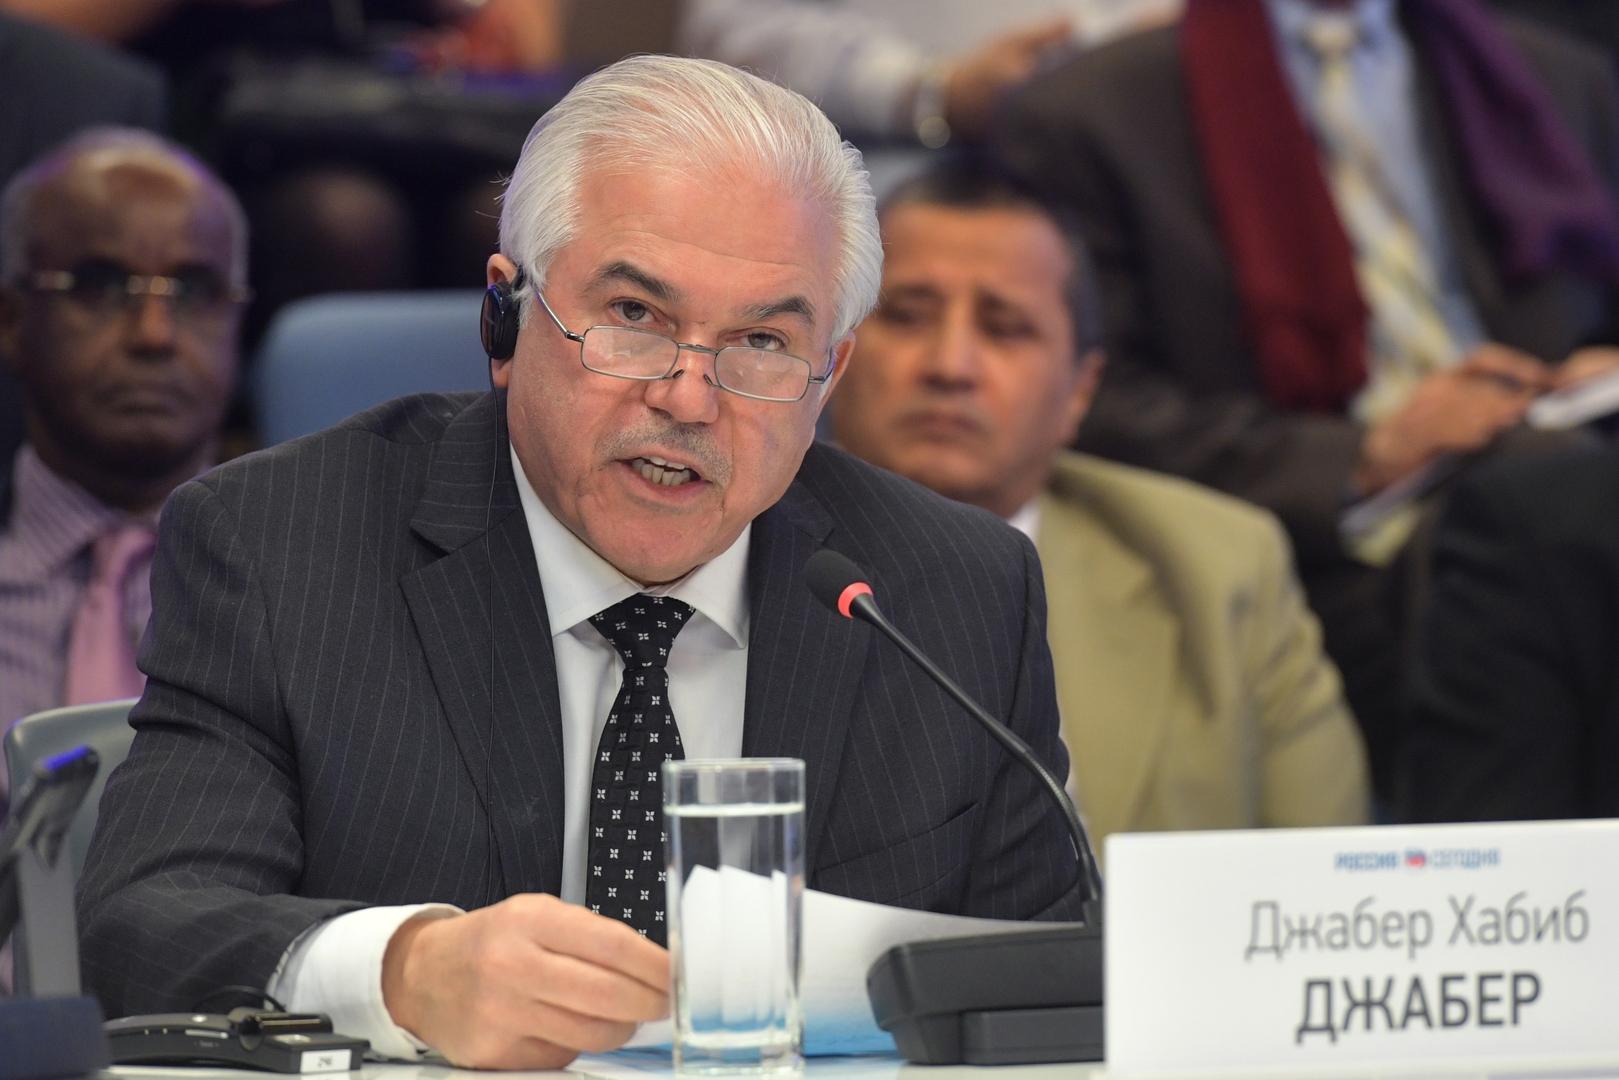 مراقبو الجامعة العربية: العيوب التقنية الصغيرة لن تؤثر على نتائج الانتخابات الروسية